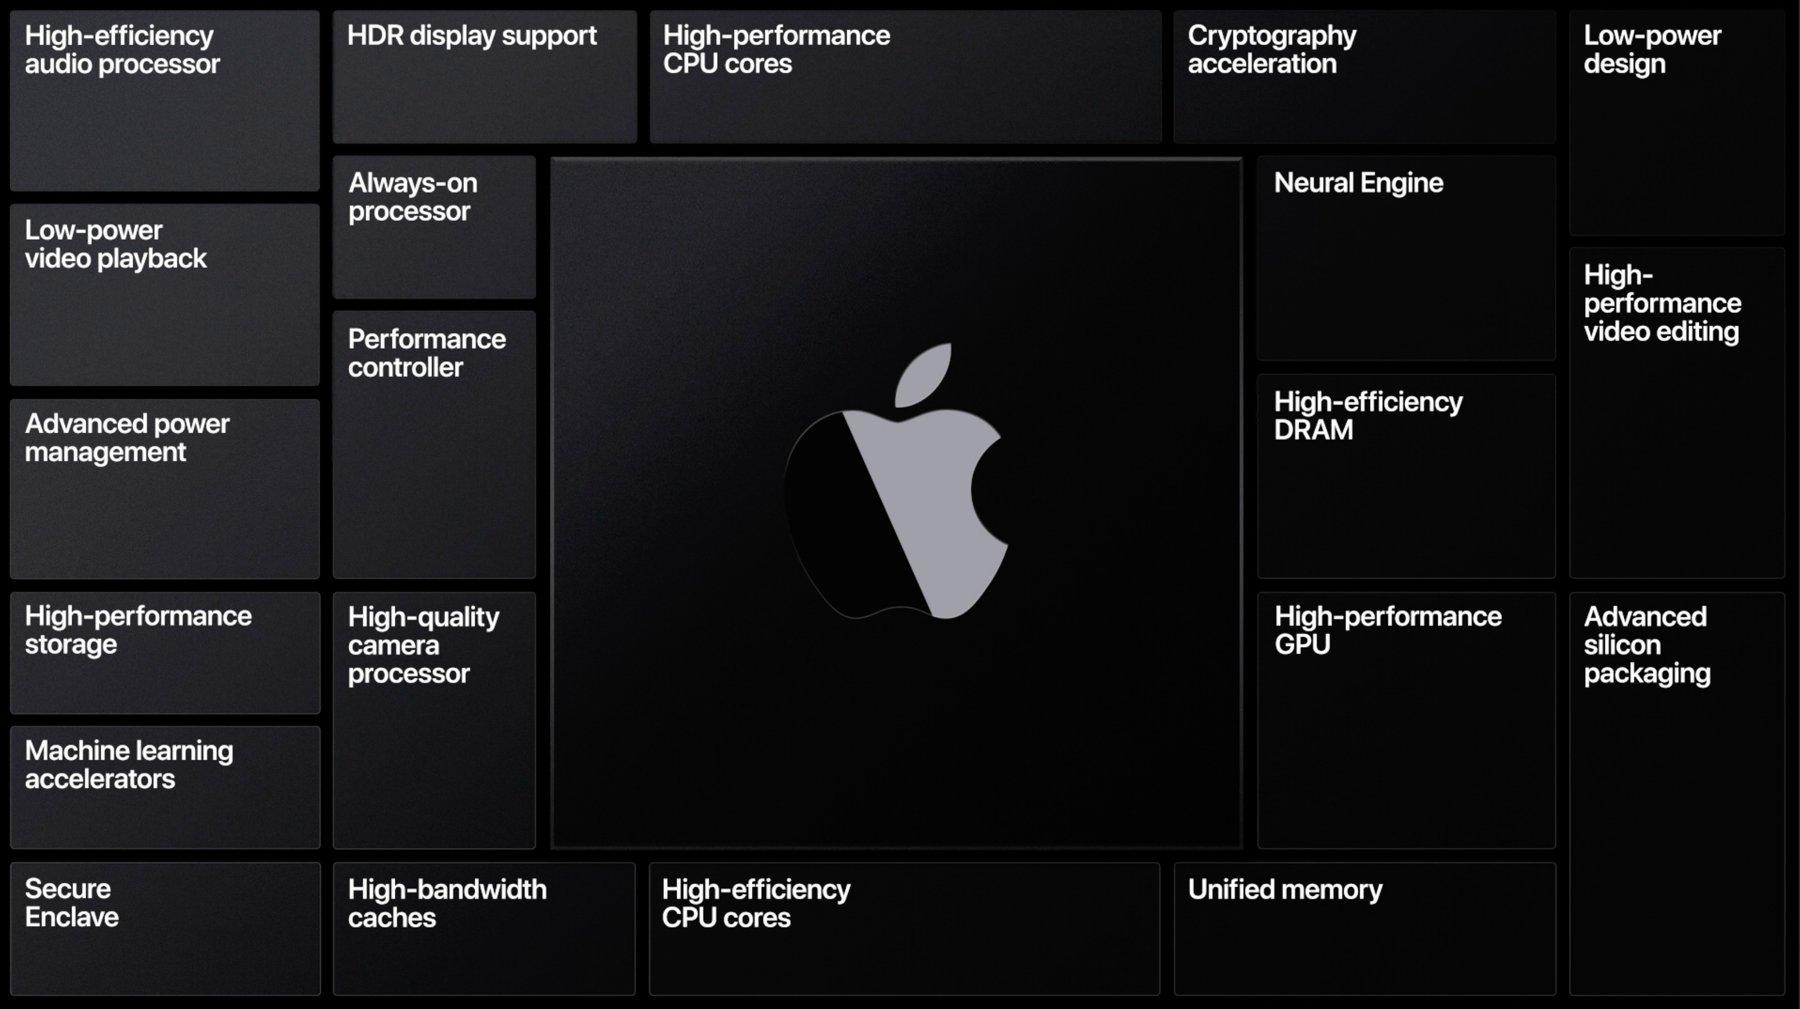 تسريبات : المعالج الرسومي من شركة Apple أسرع من عروض Intel المُدمجة